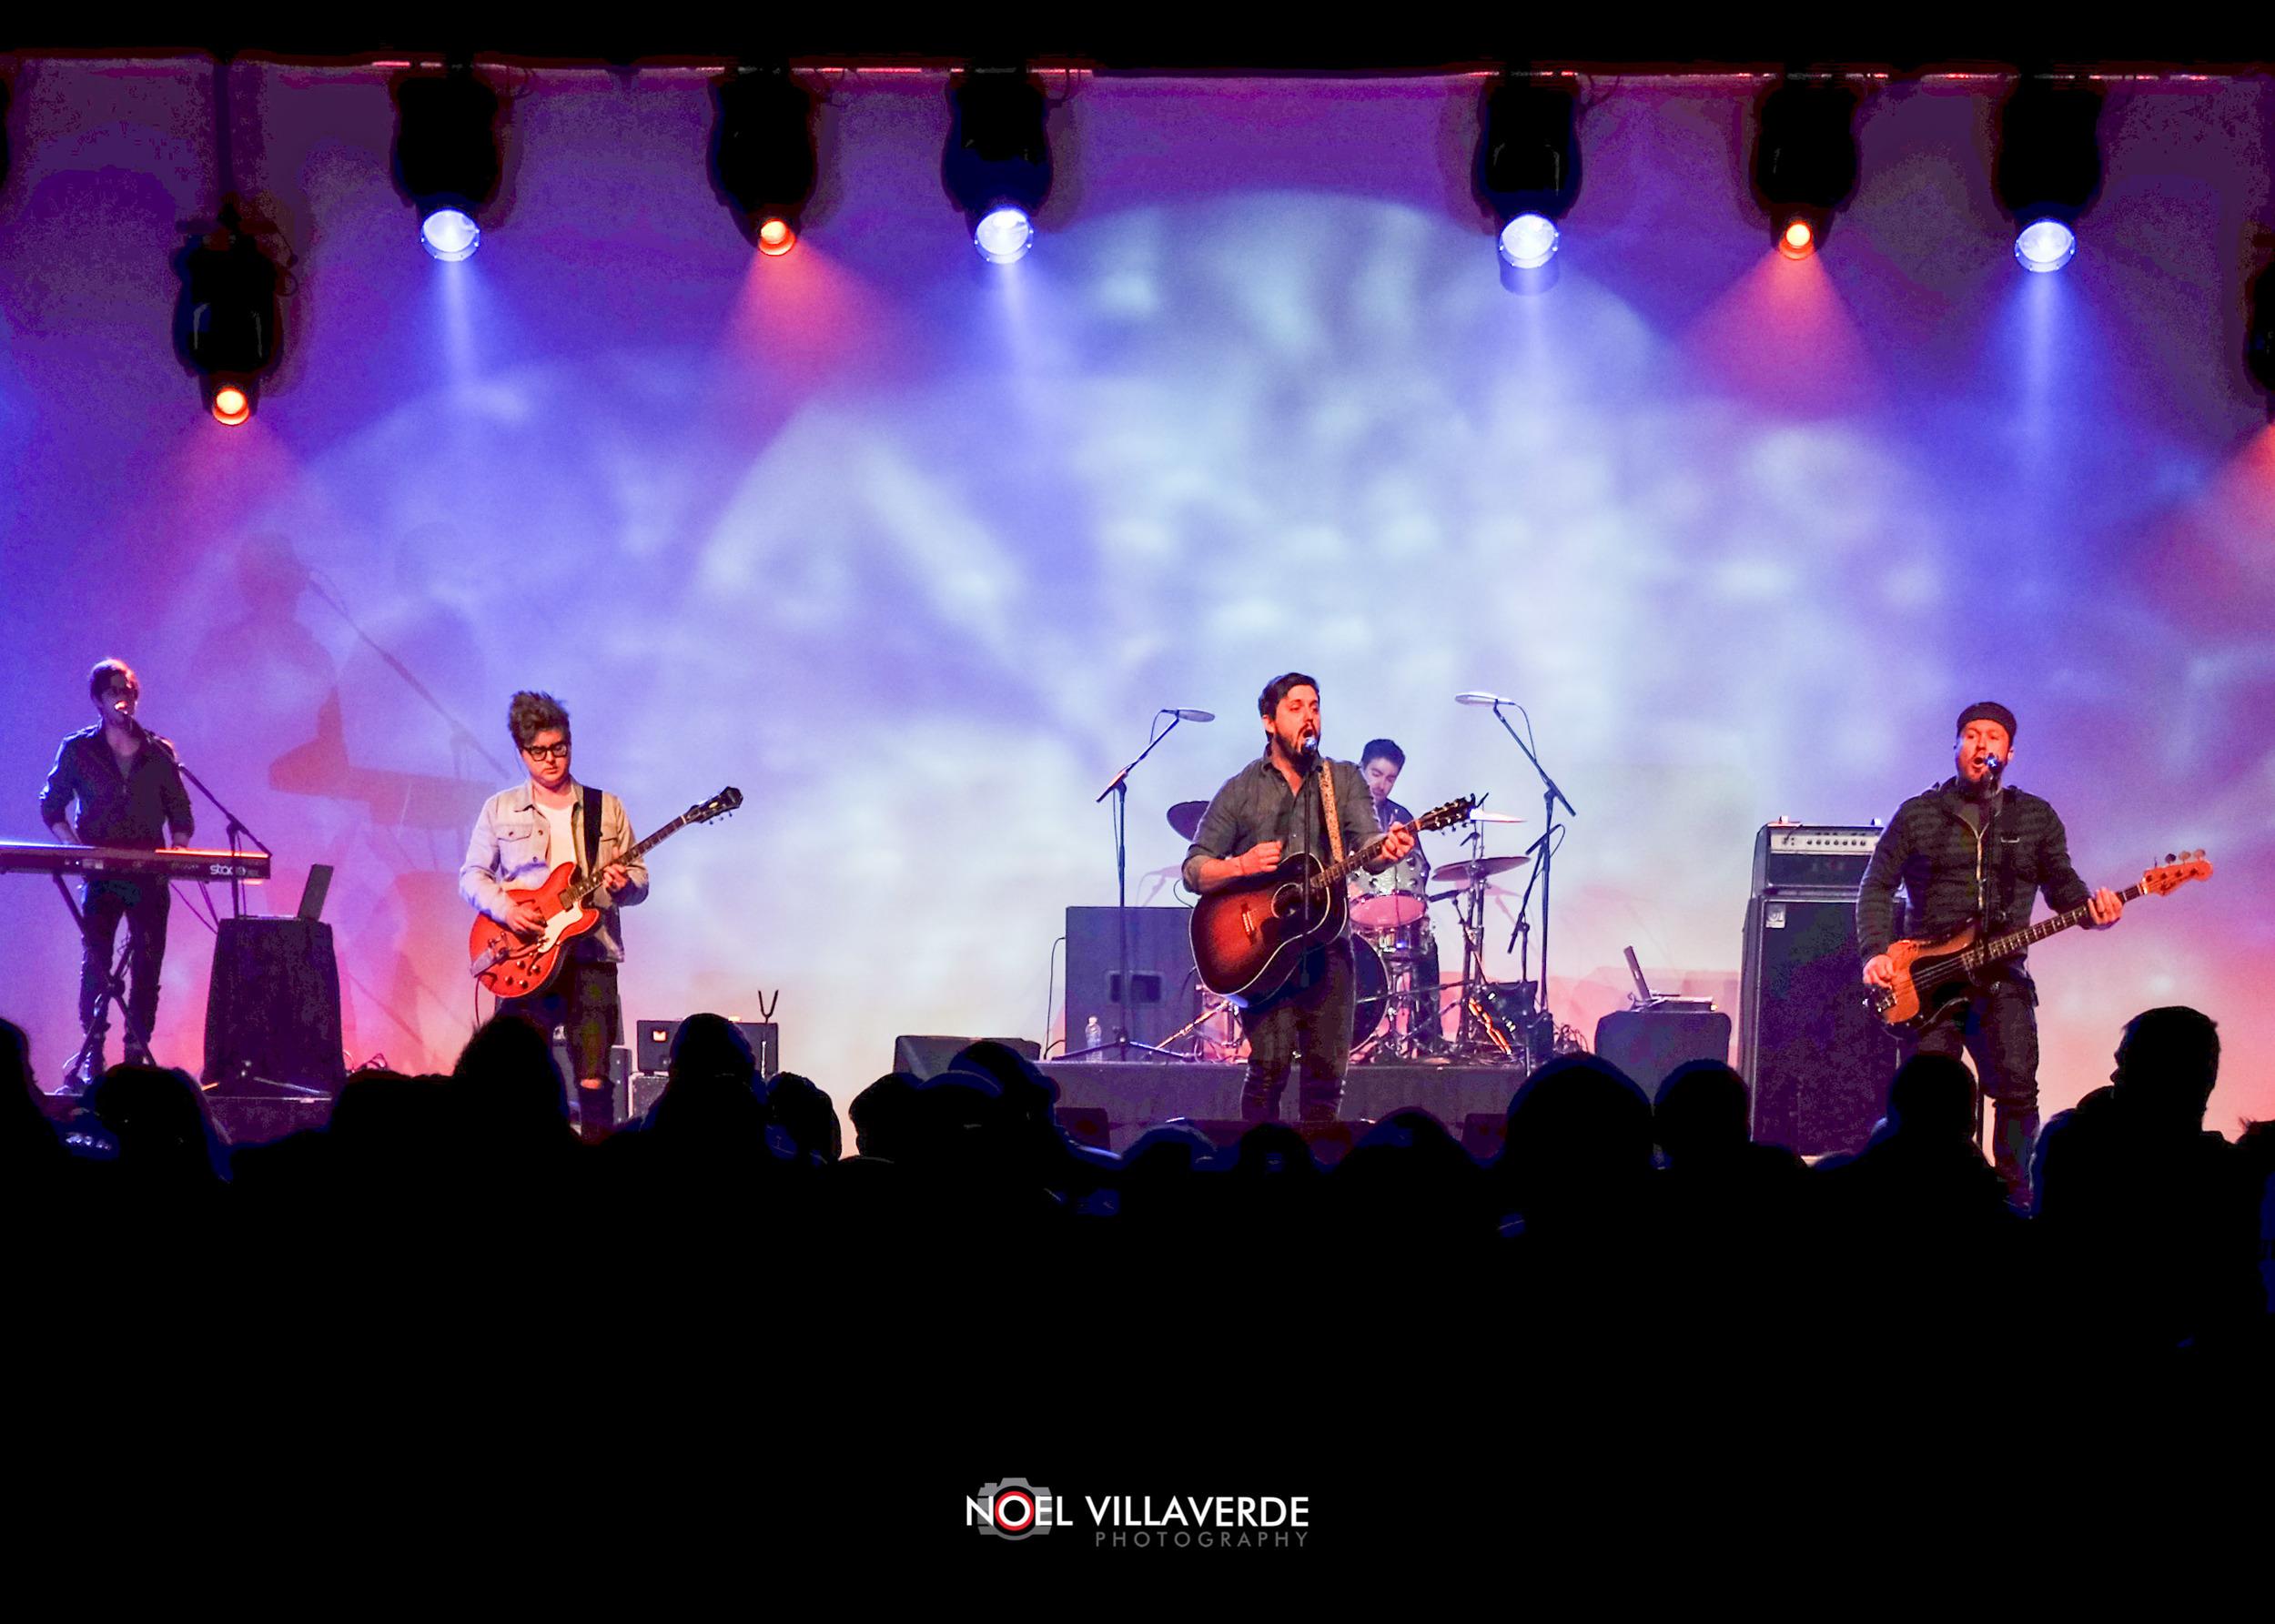 Ignition_Concert-6.jpg